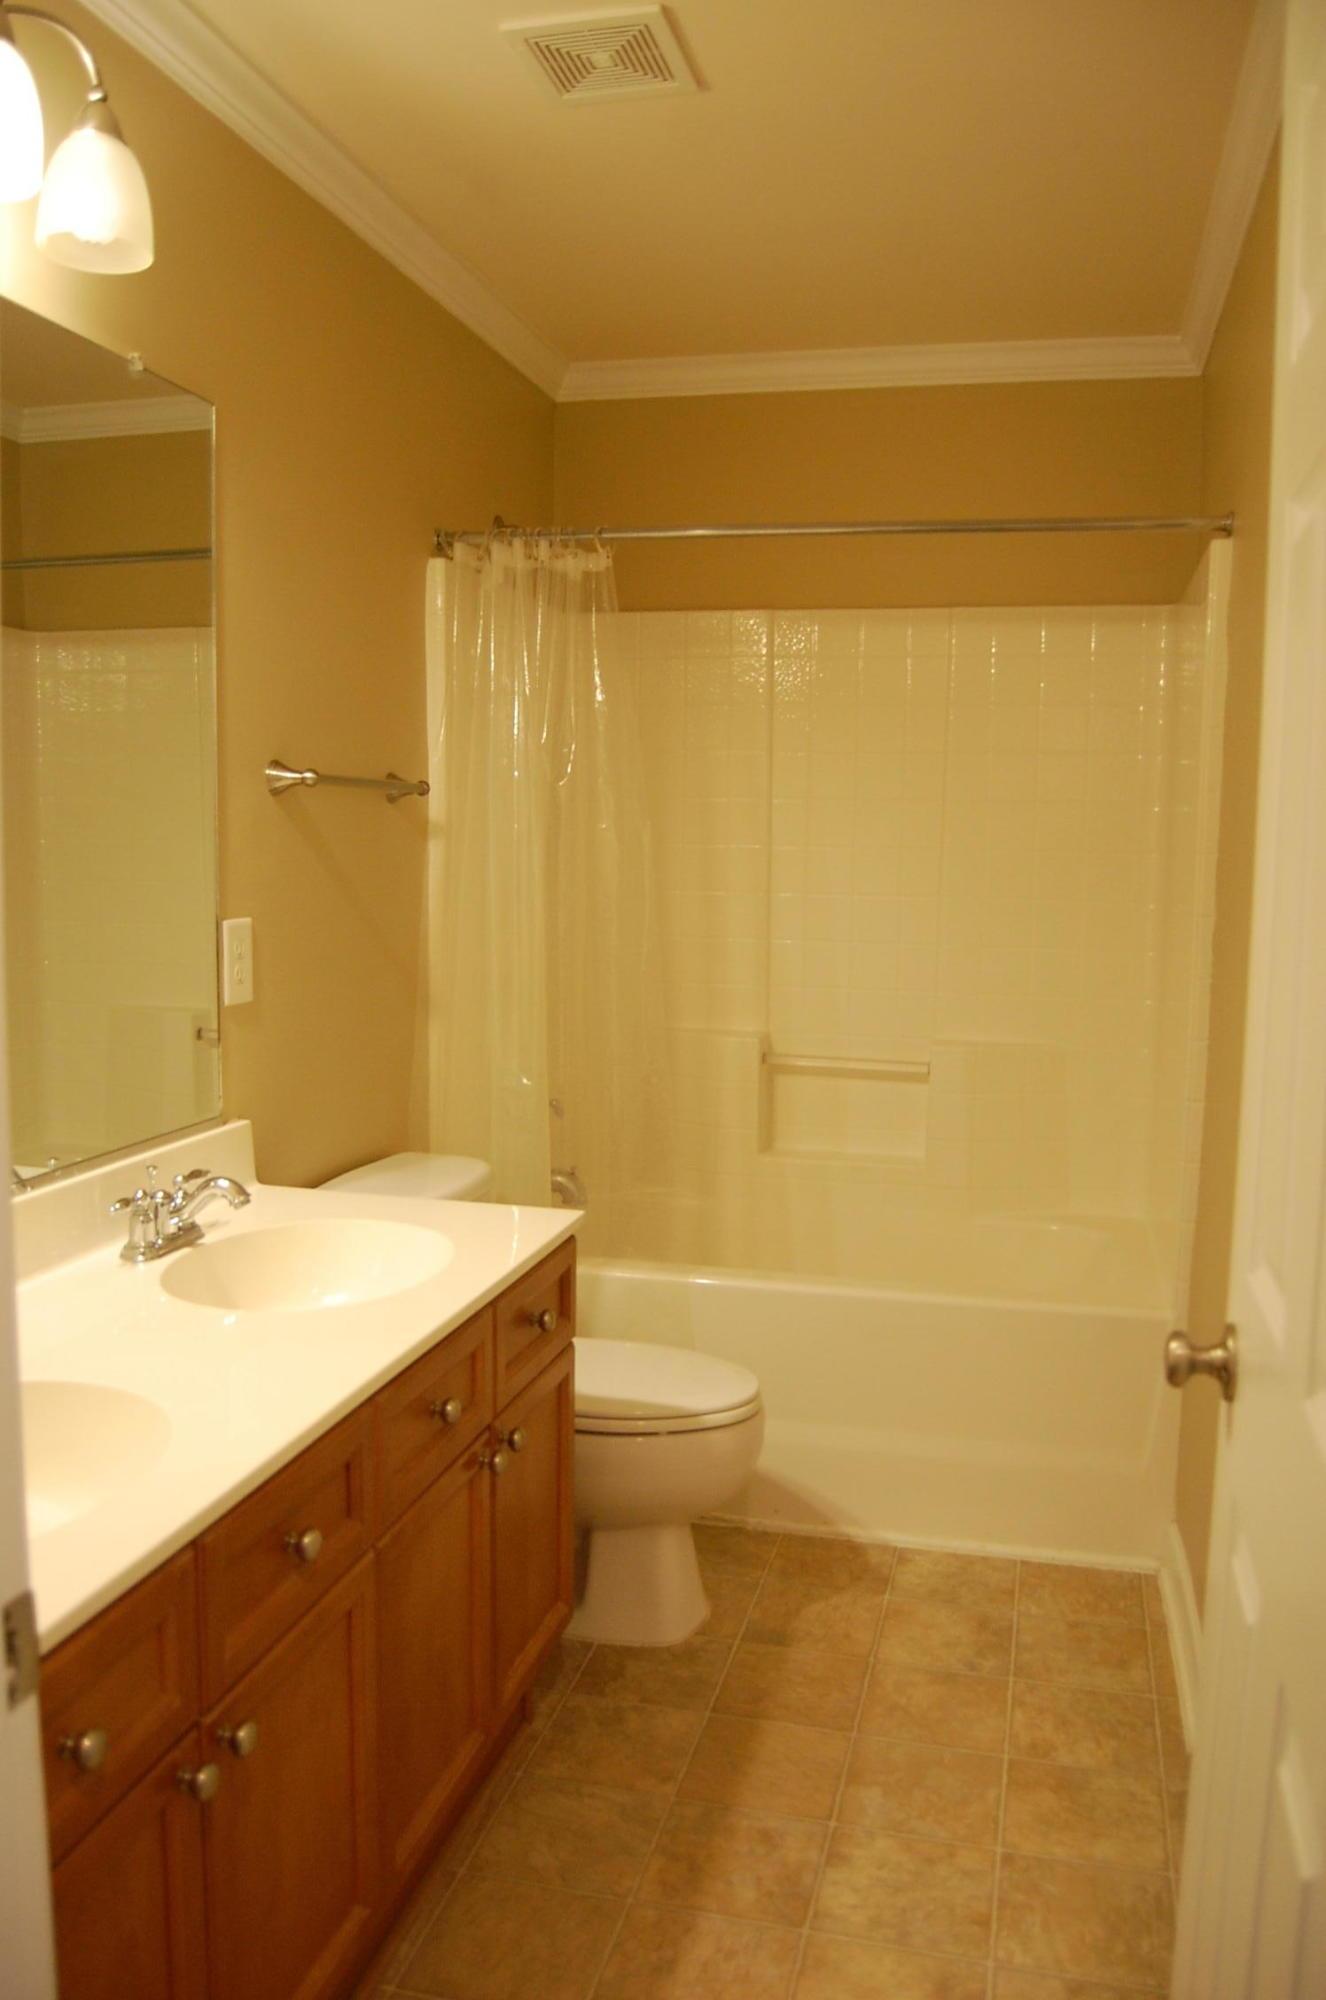 Park West Homes For Sale - 3529 Claremont, Mount Pleasant, SC - 18